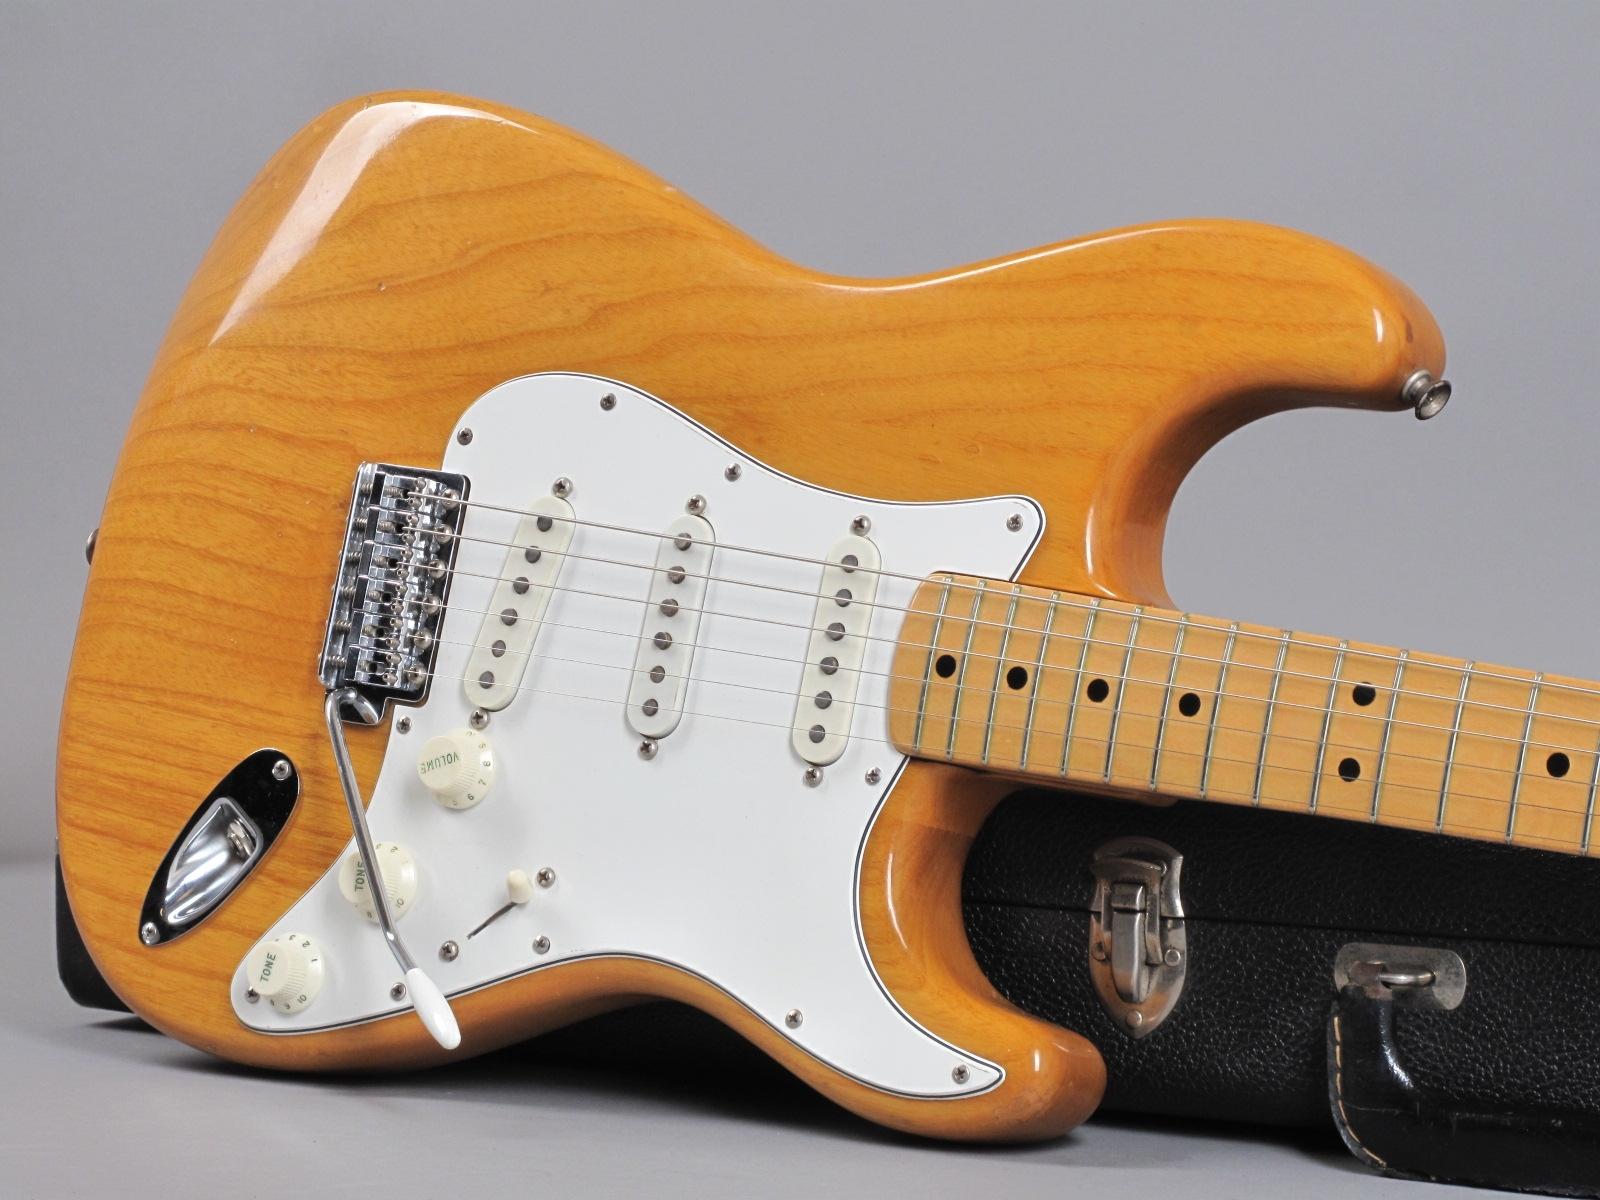 https://guitarpoint.de/app/uploads/products/1974-fender-stratocaster-natural-2/1974-Fender-Stratocaster-Natural-522630_19.jpg